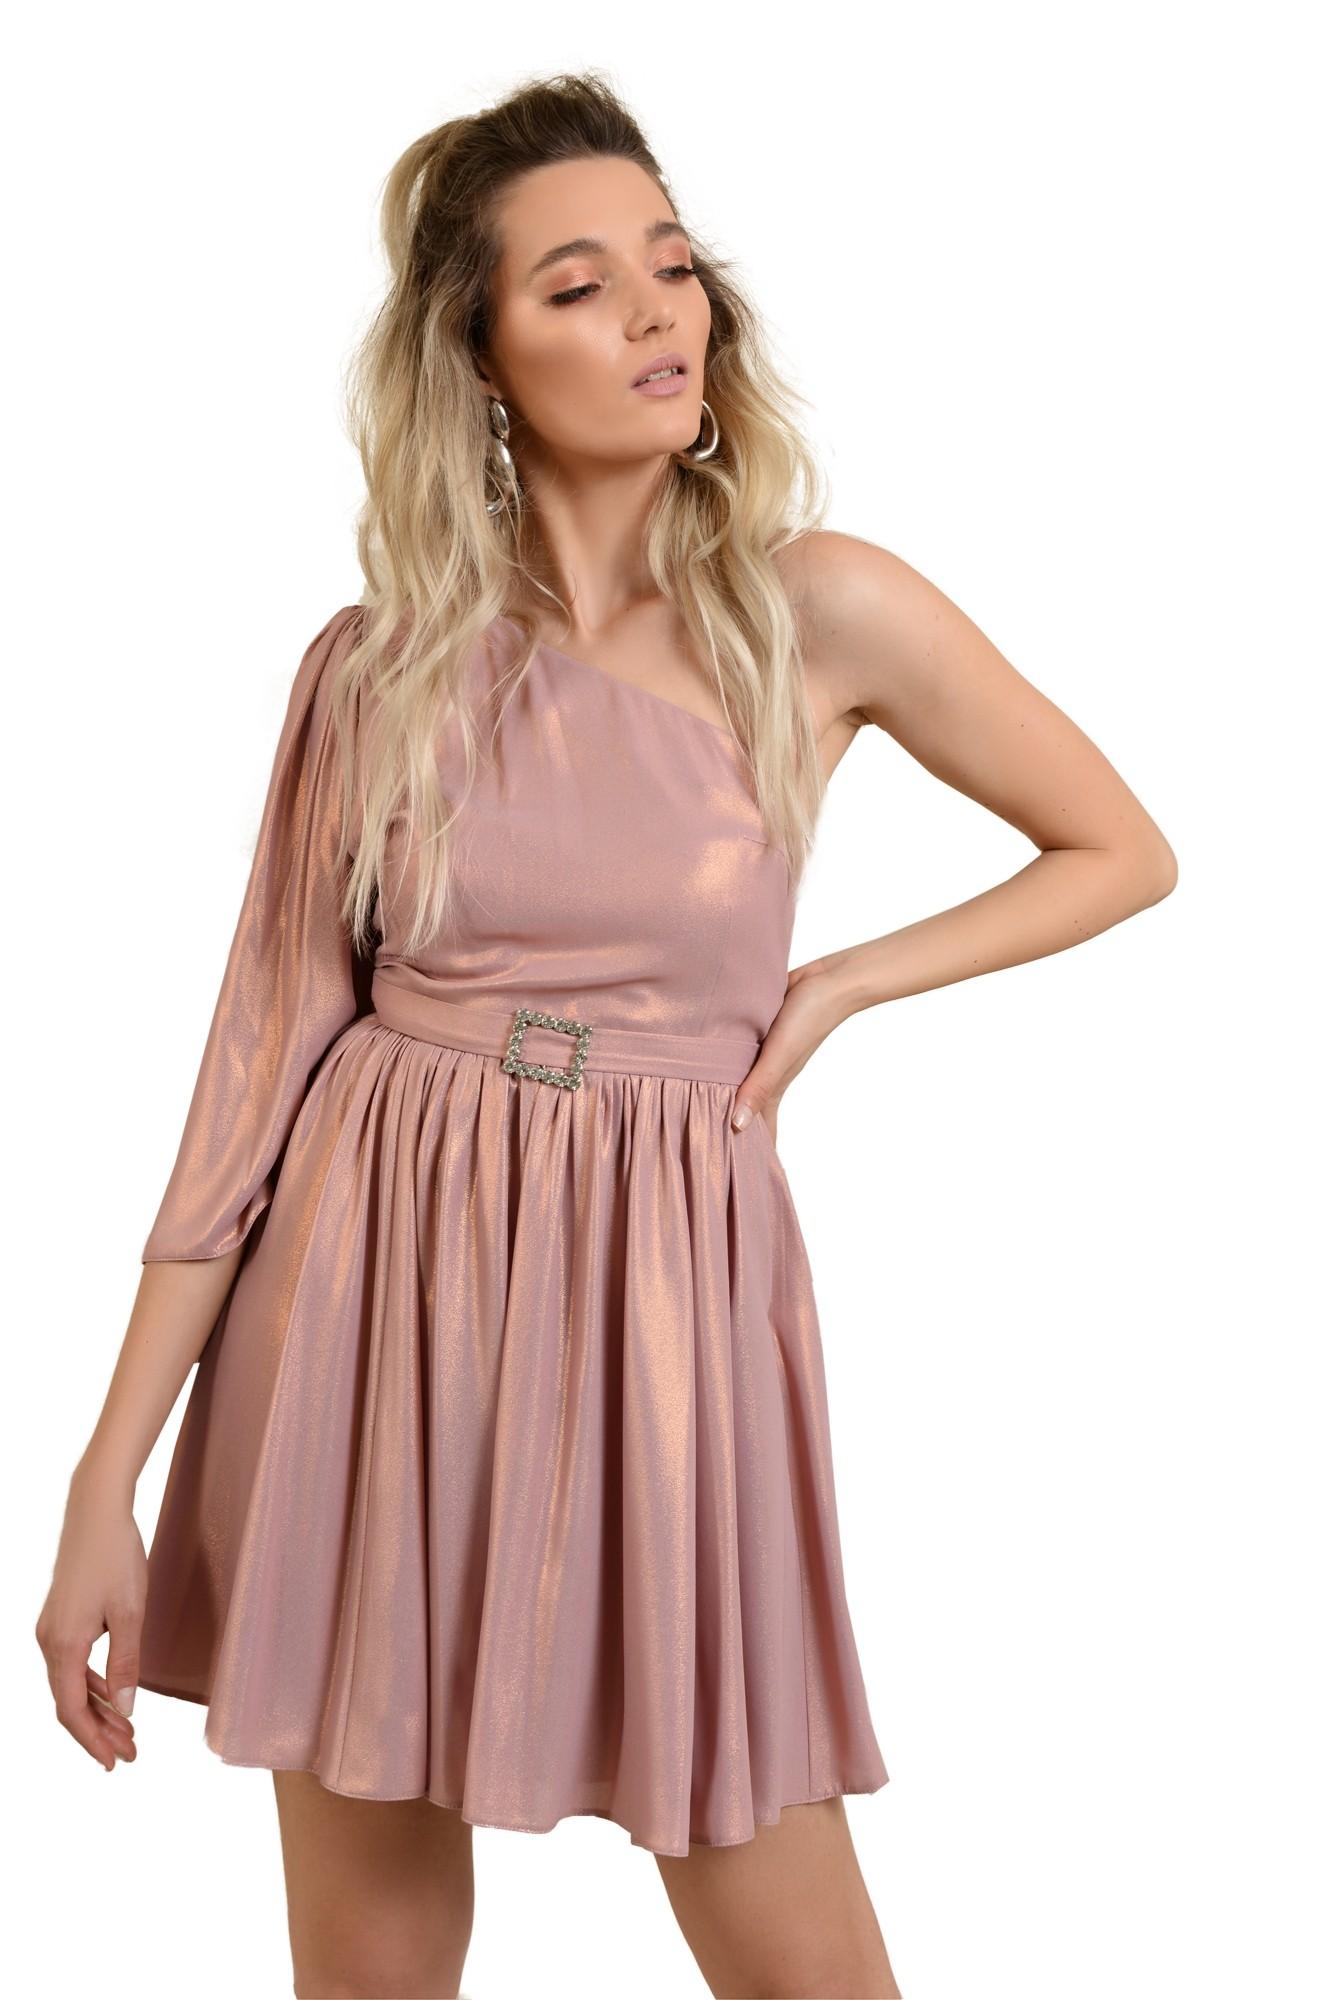 0 -  rochie de ocazie, cu o maneca, decolteu asimetric, clos, catarama decorativa, roz